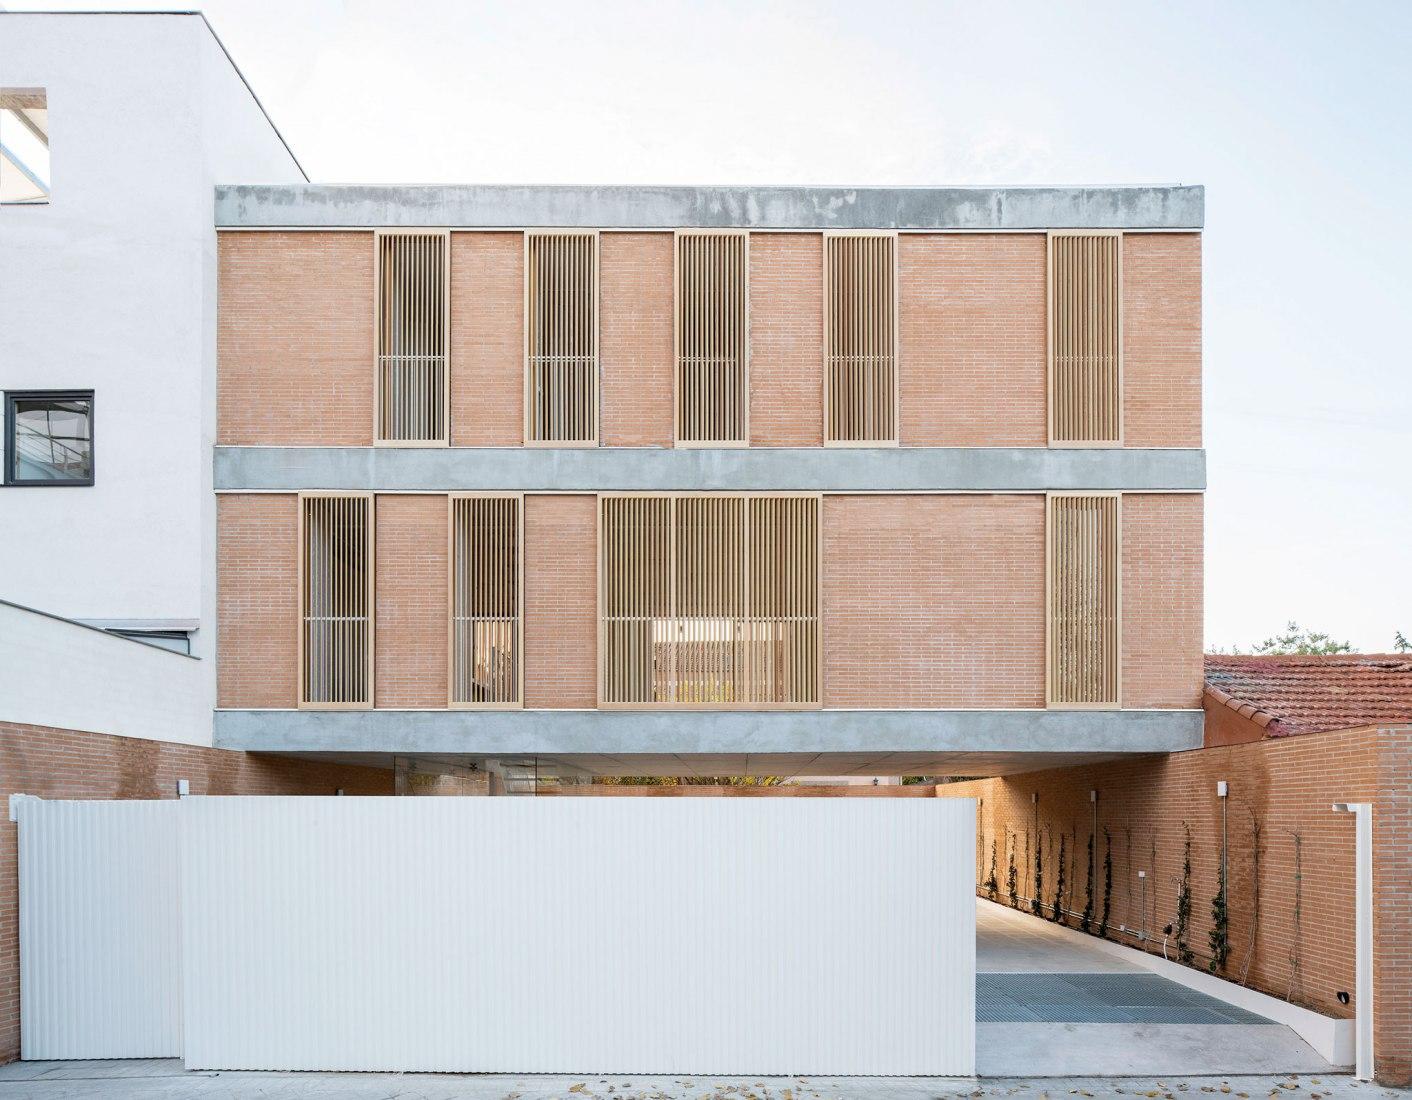 Casa sobre un patio por Ayllón, Paradela, De Andrés. Fotografía por Miguel Fernández-Galiano Rodriguez